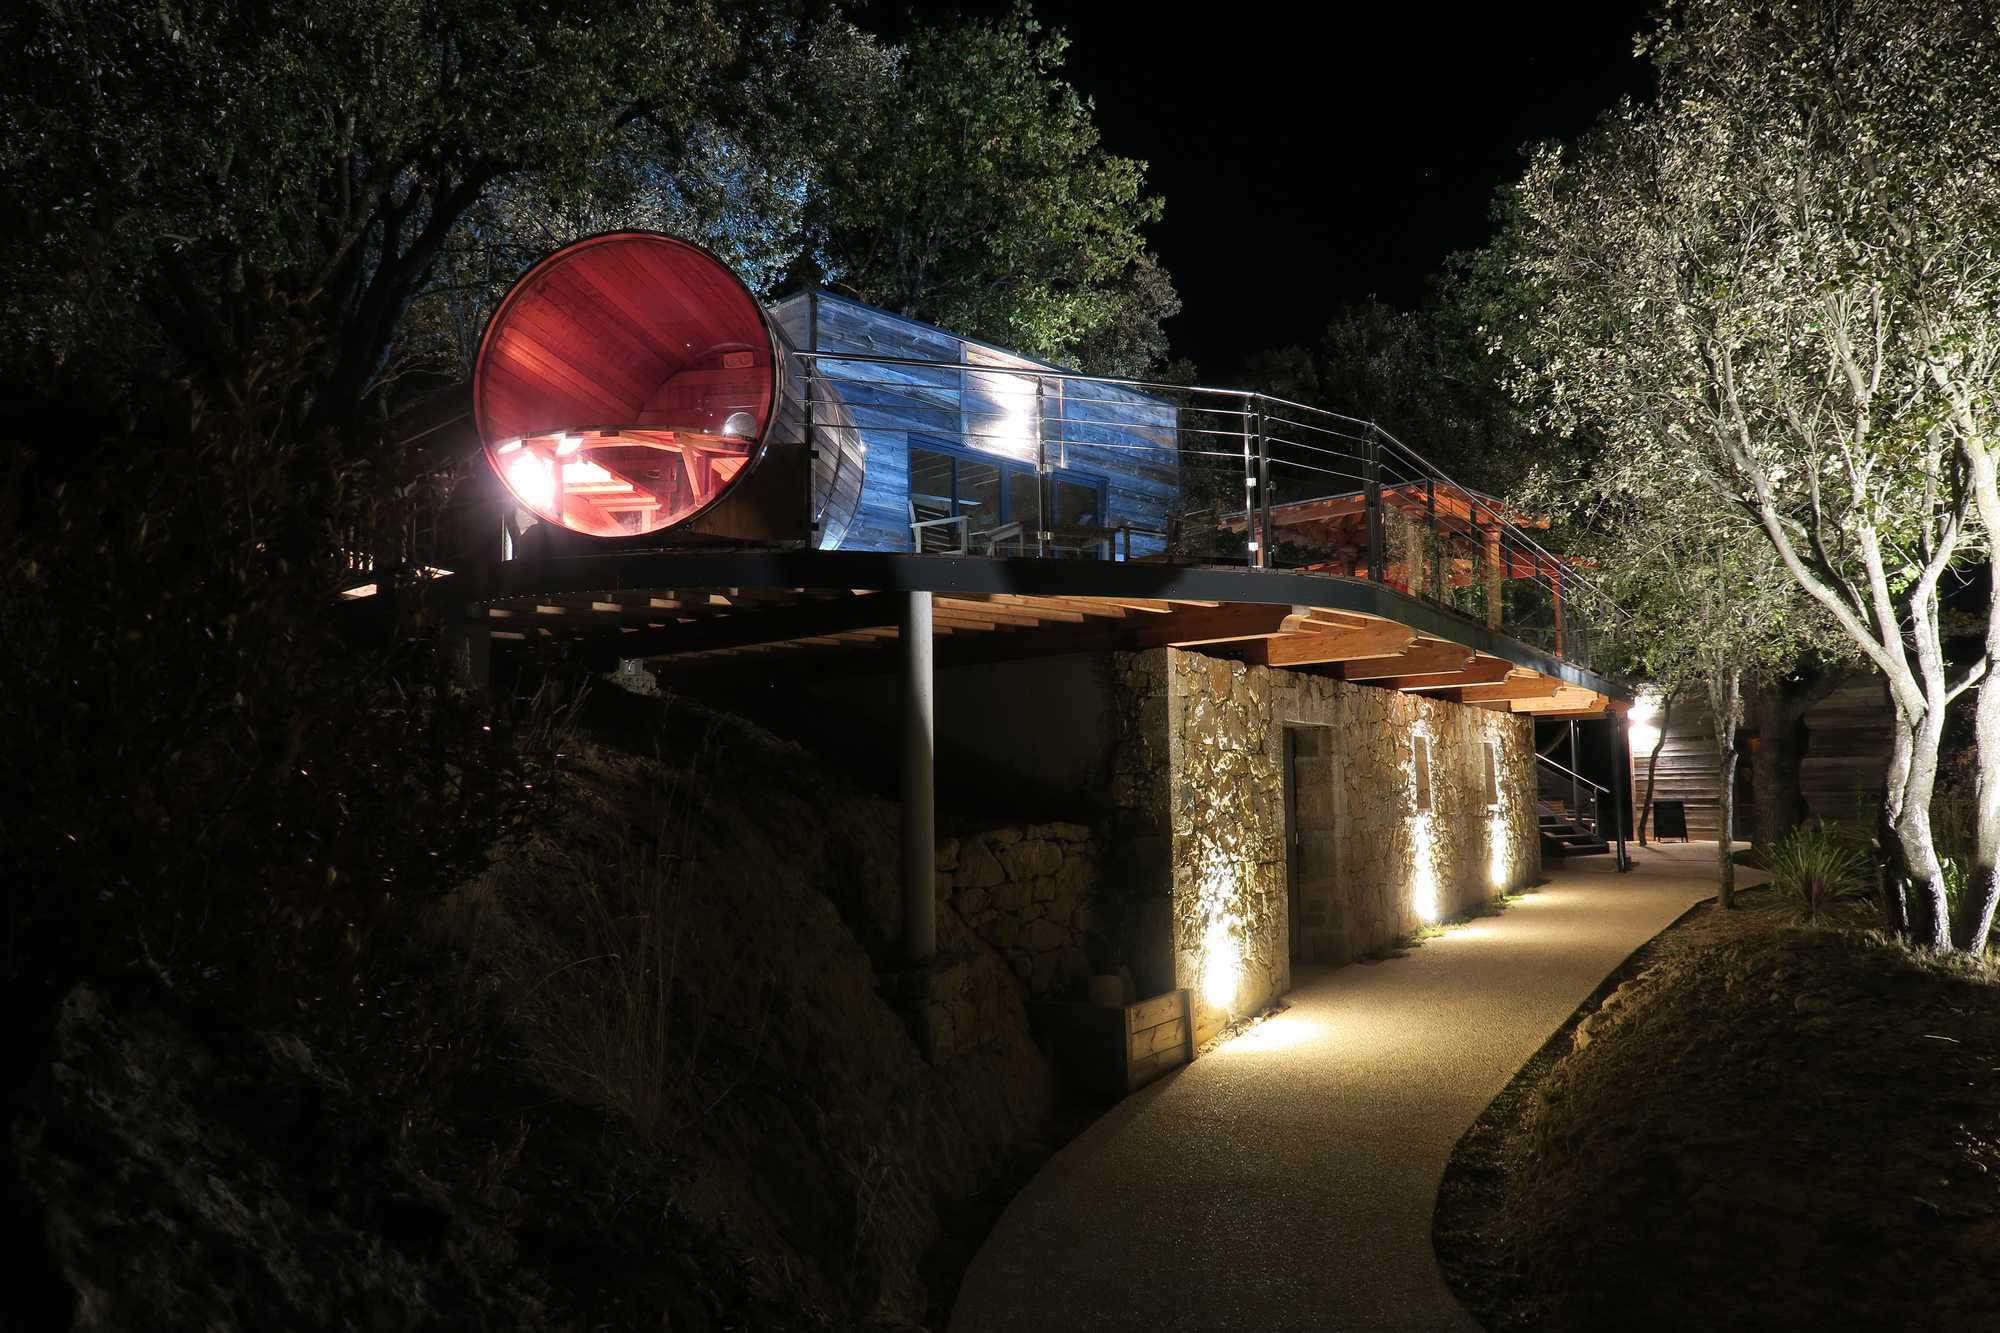 domaine sevenier camping 5 etoiles ardeche spa galerie photo 26 - domaine-sevenier-camping-5-etoiles-ardeche-spa-galerie-photo-26